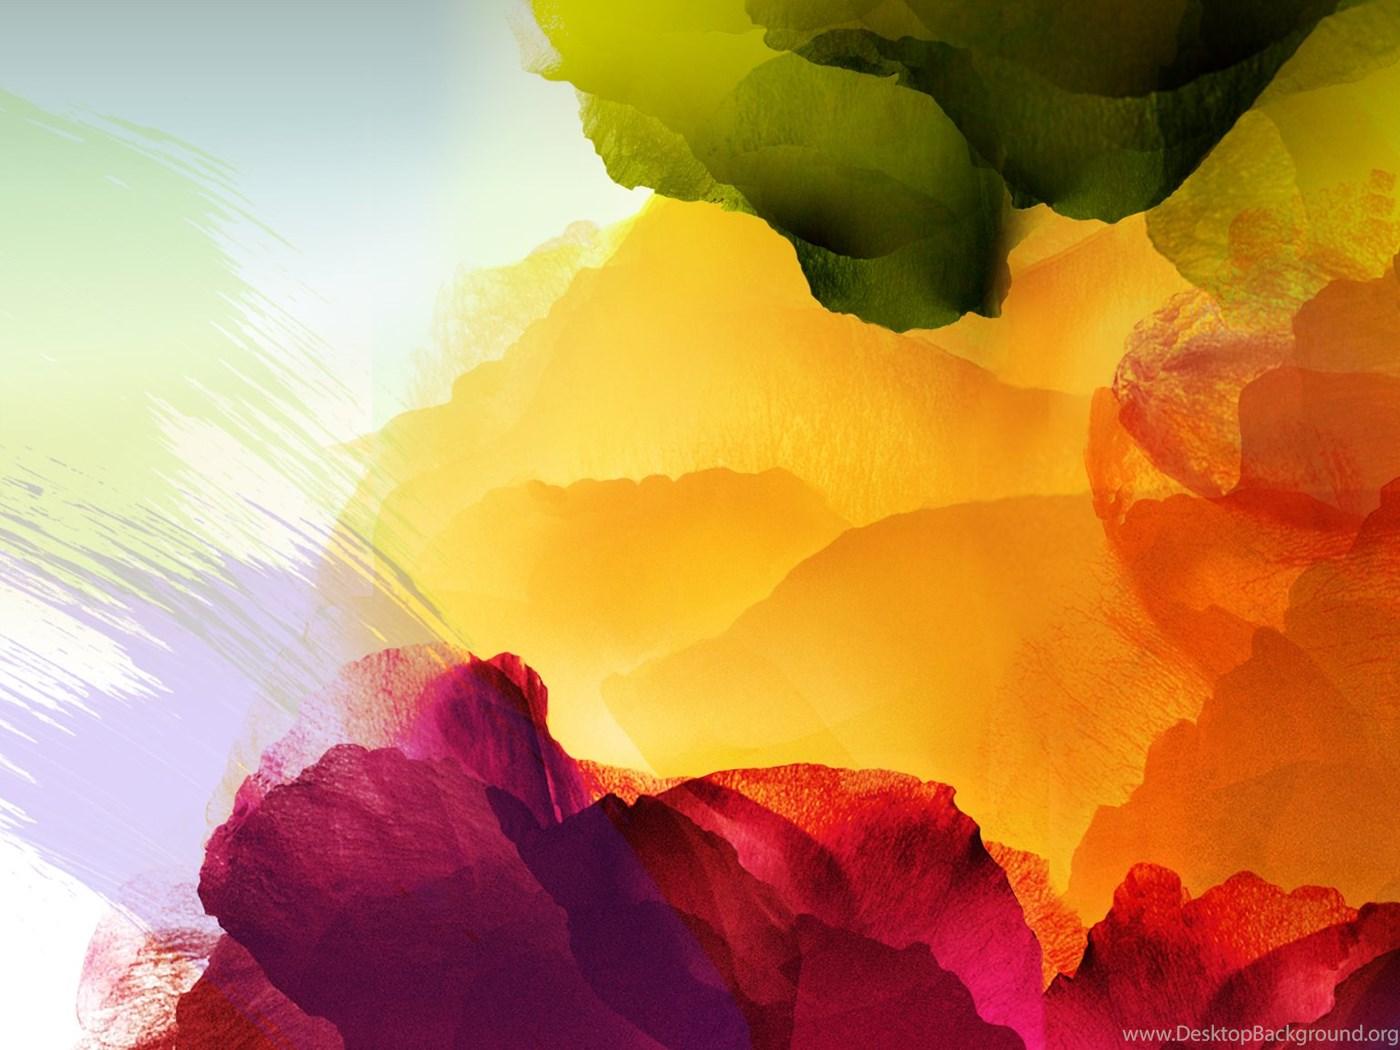 Download Lg Phone Wallpapers Widescreen Desktop Background